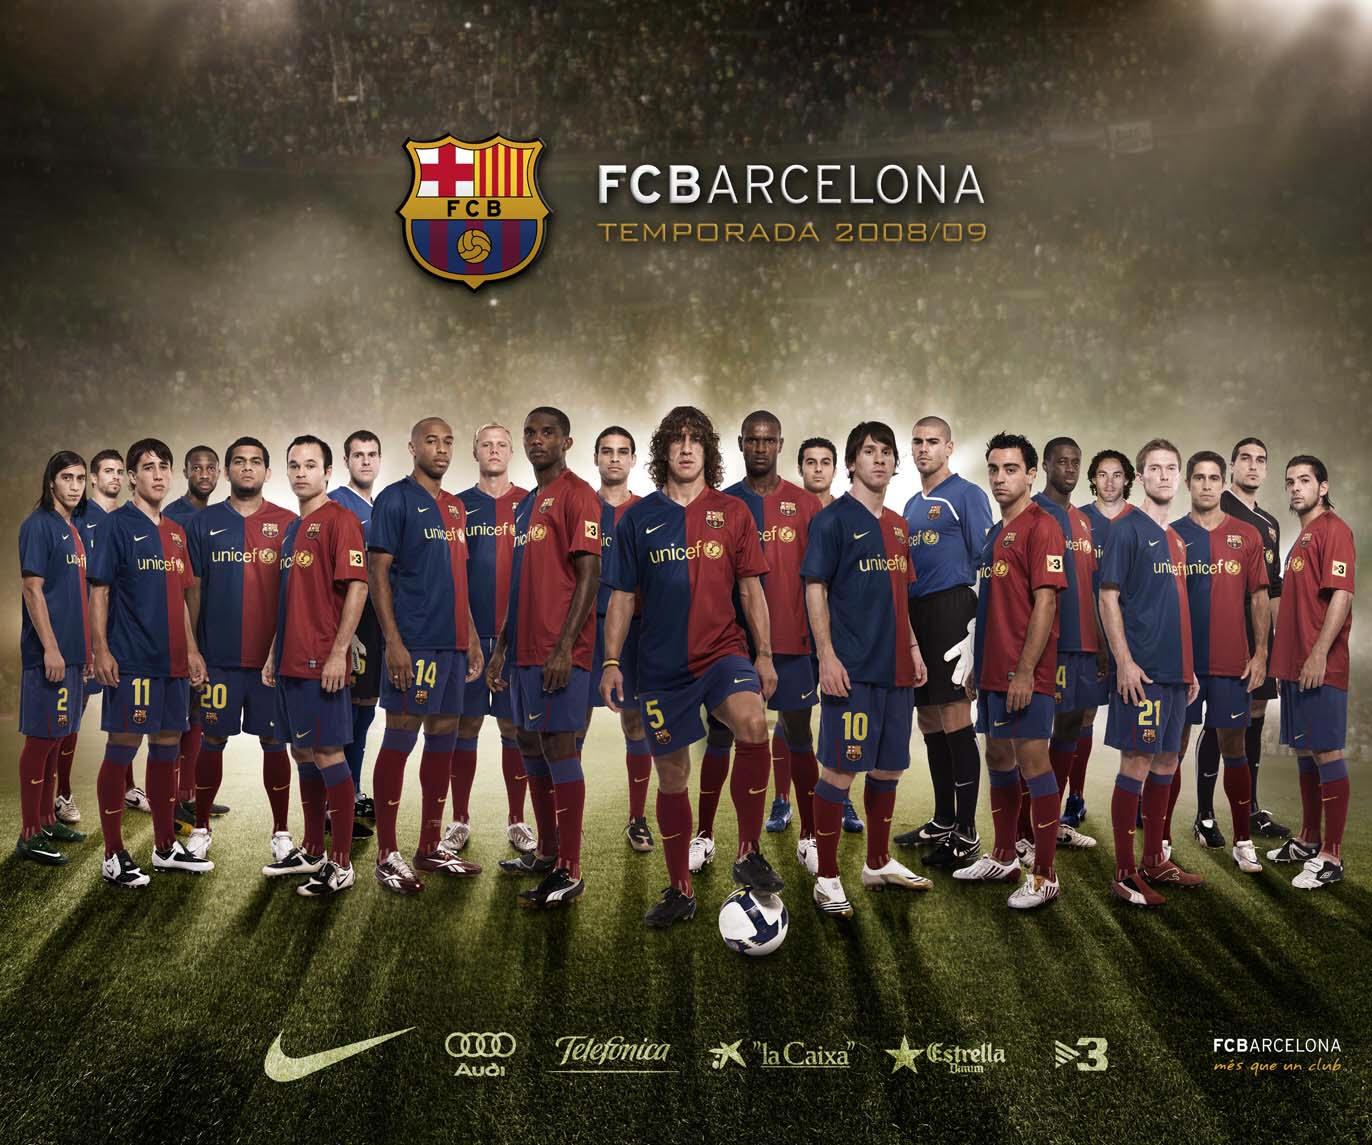 Barça 2008/2009